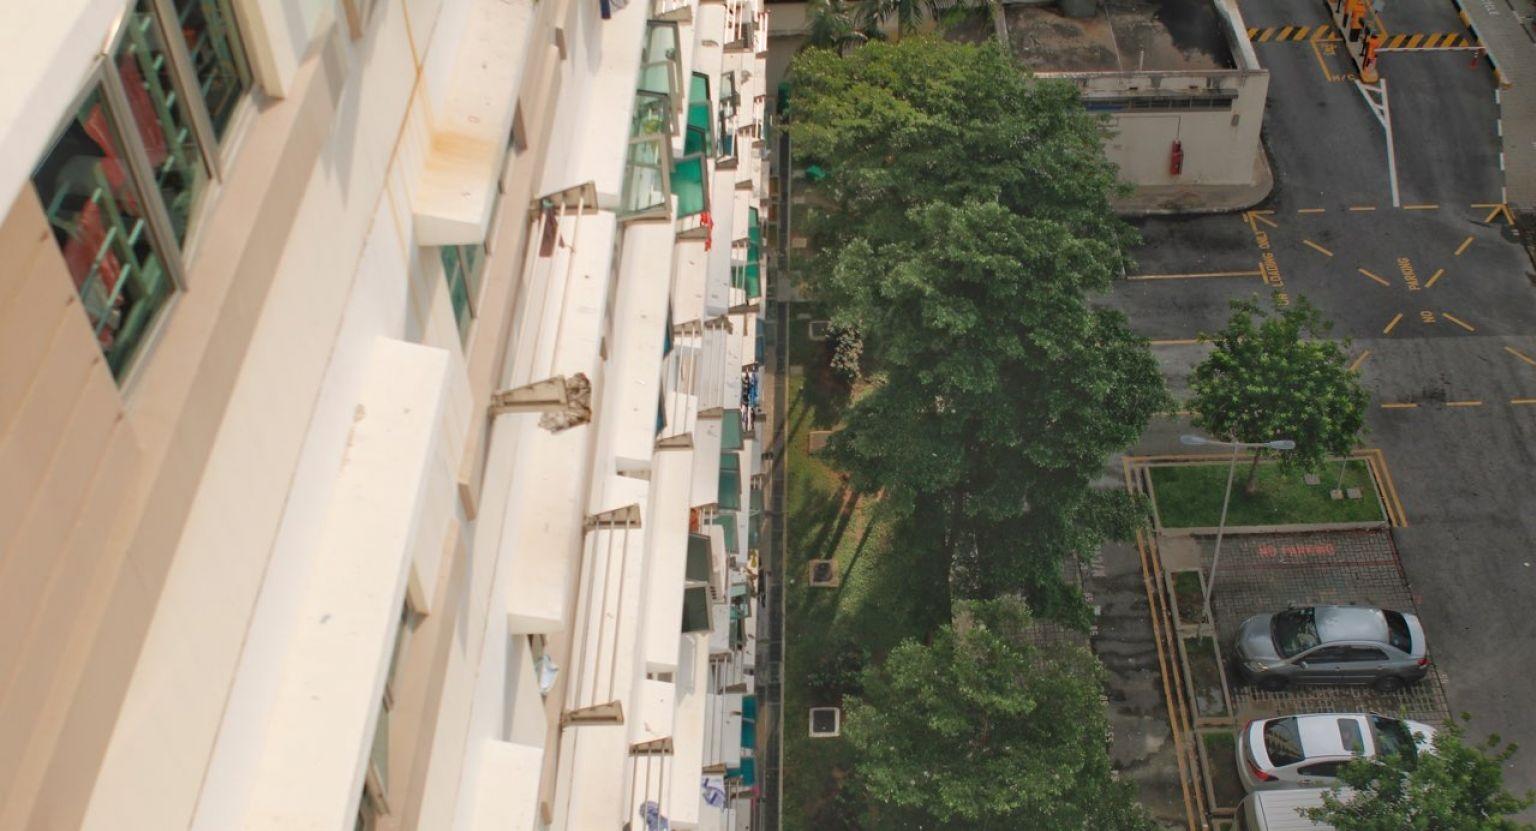 Khu chung cư nơi xảy ra sự cố. (Ảnh: Straits Times)